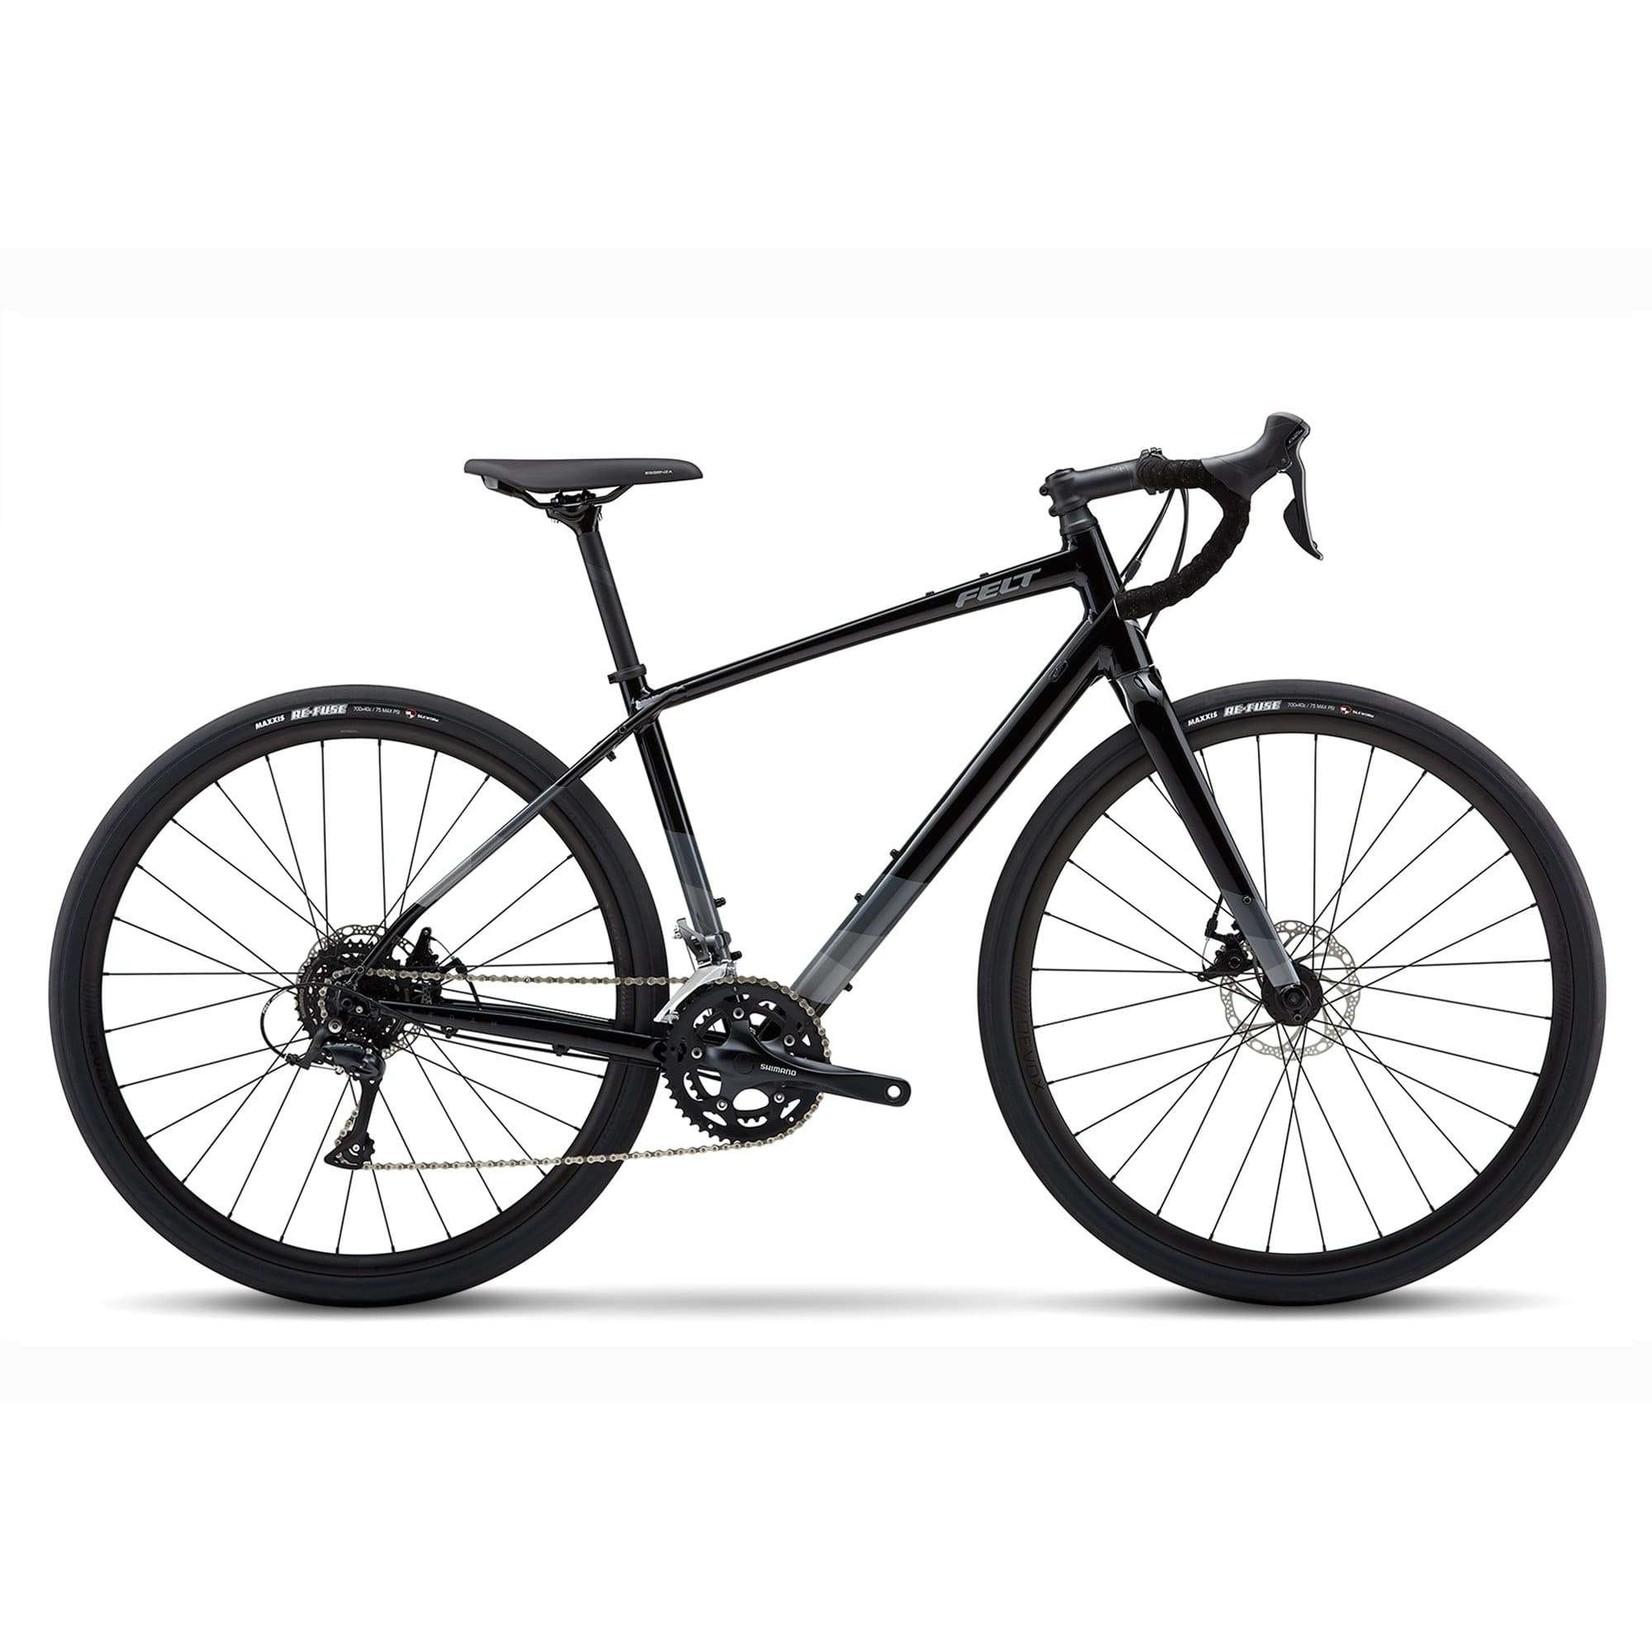 Felt Bicycles Felt Broam 60